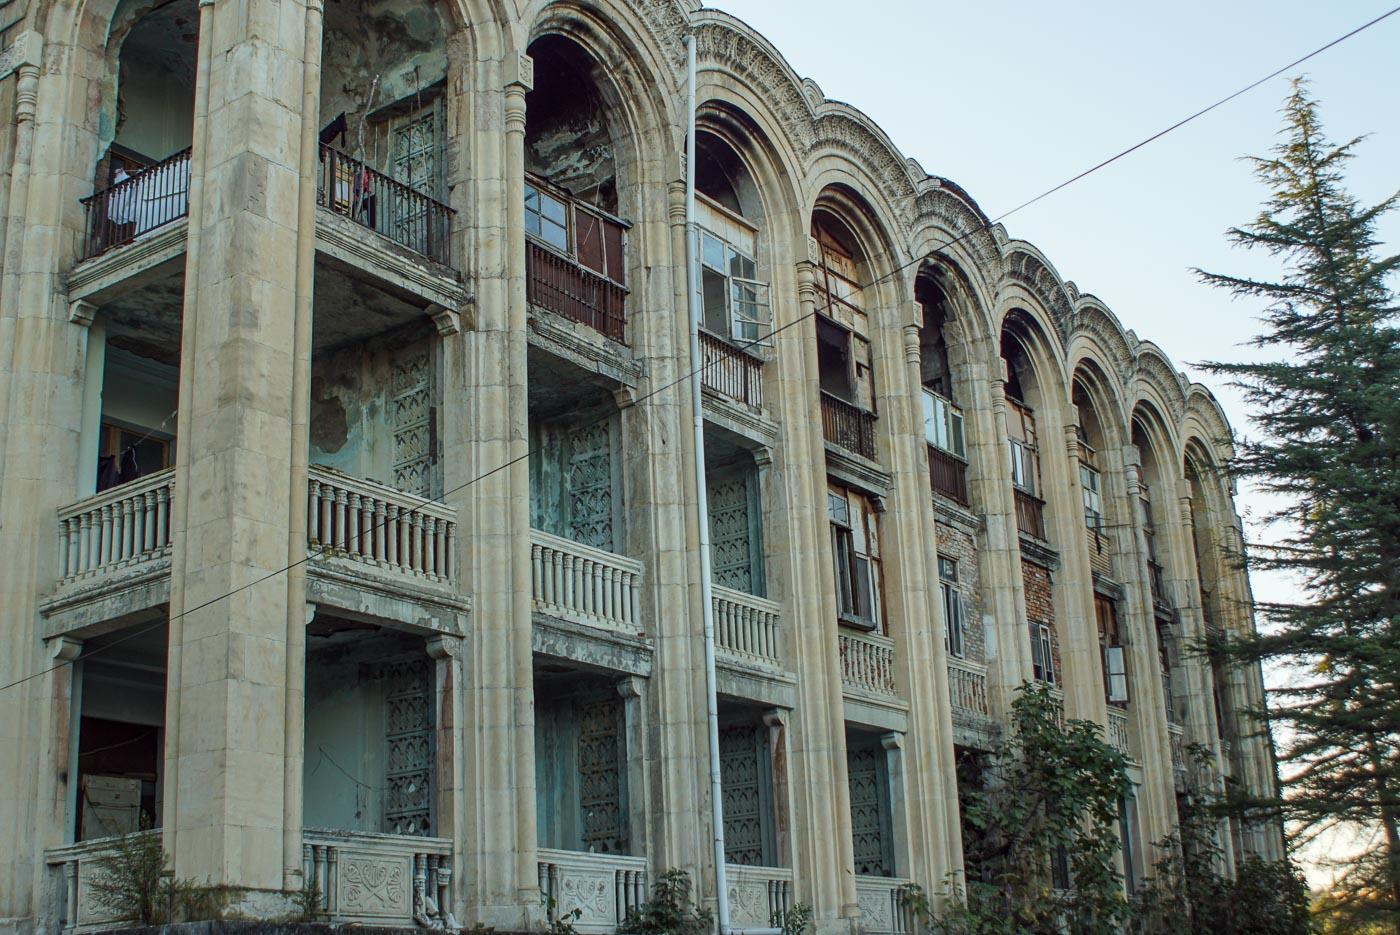 Zusehen ist eine prachtvolle Fassade mit Marmor verkleidet und riesigen Balkon. Manche Balkone wurden mit Fenstern und Holz verschlossen, teilweise zugemauert um den Flüchtlingen die darin wohnen, einen weiteren Raum zu schaffen.